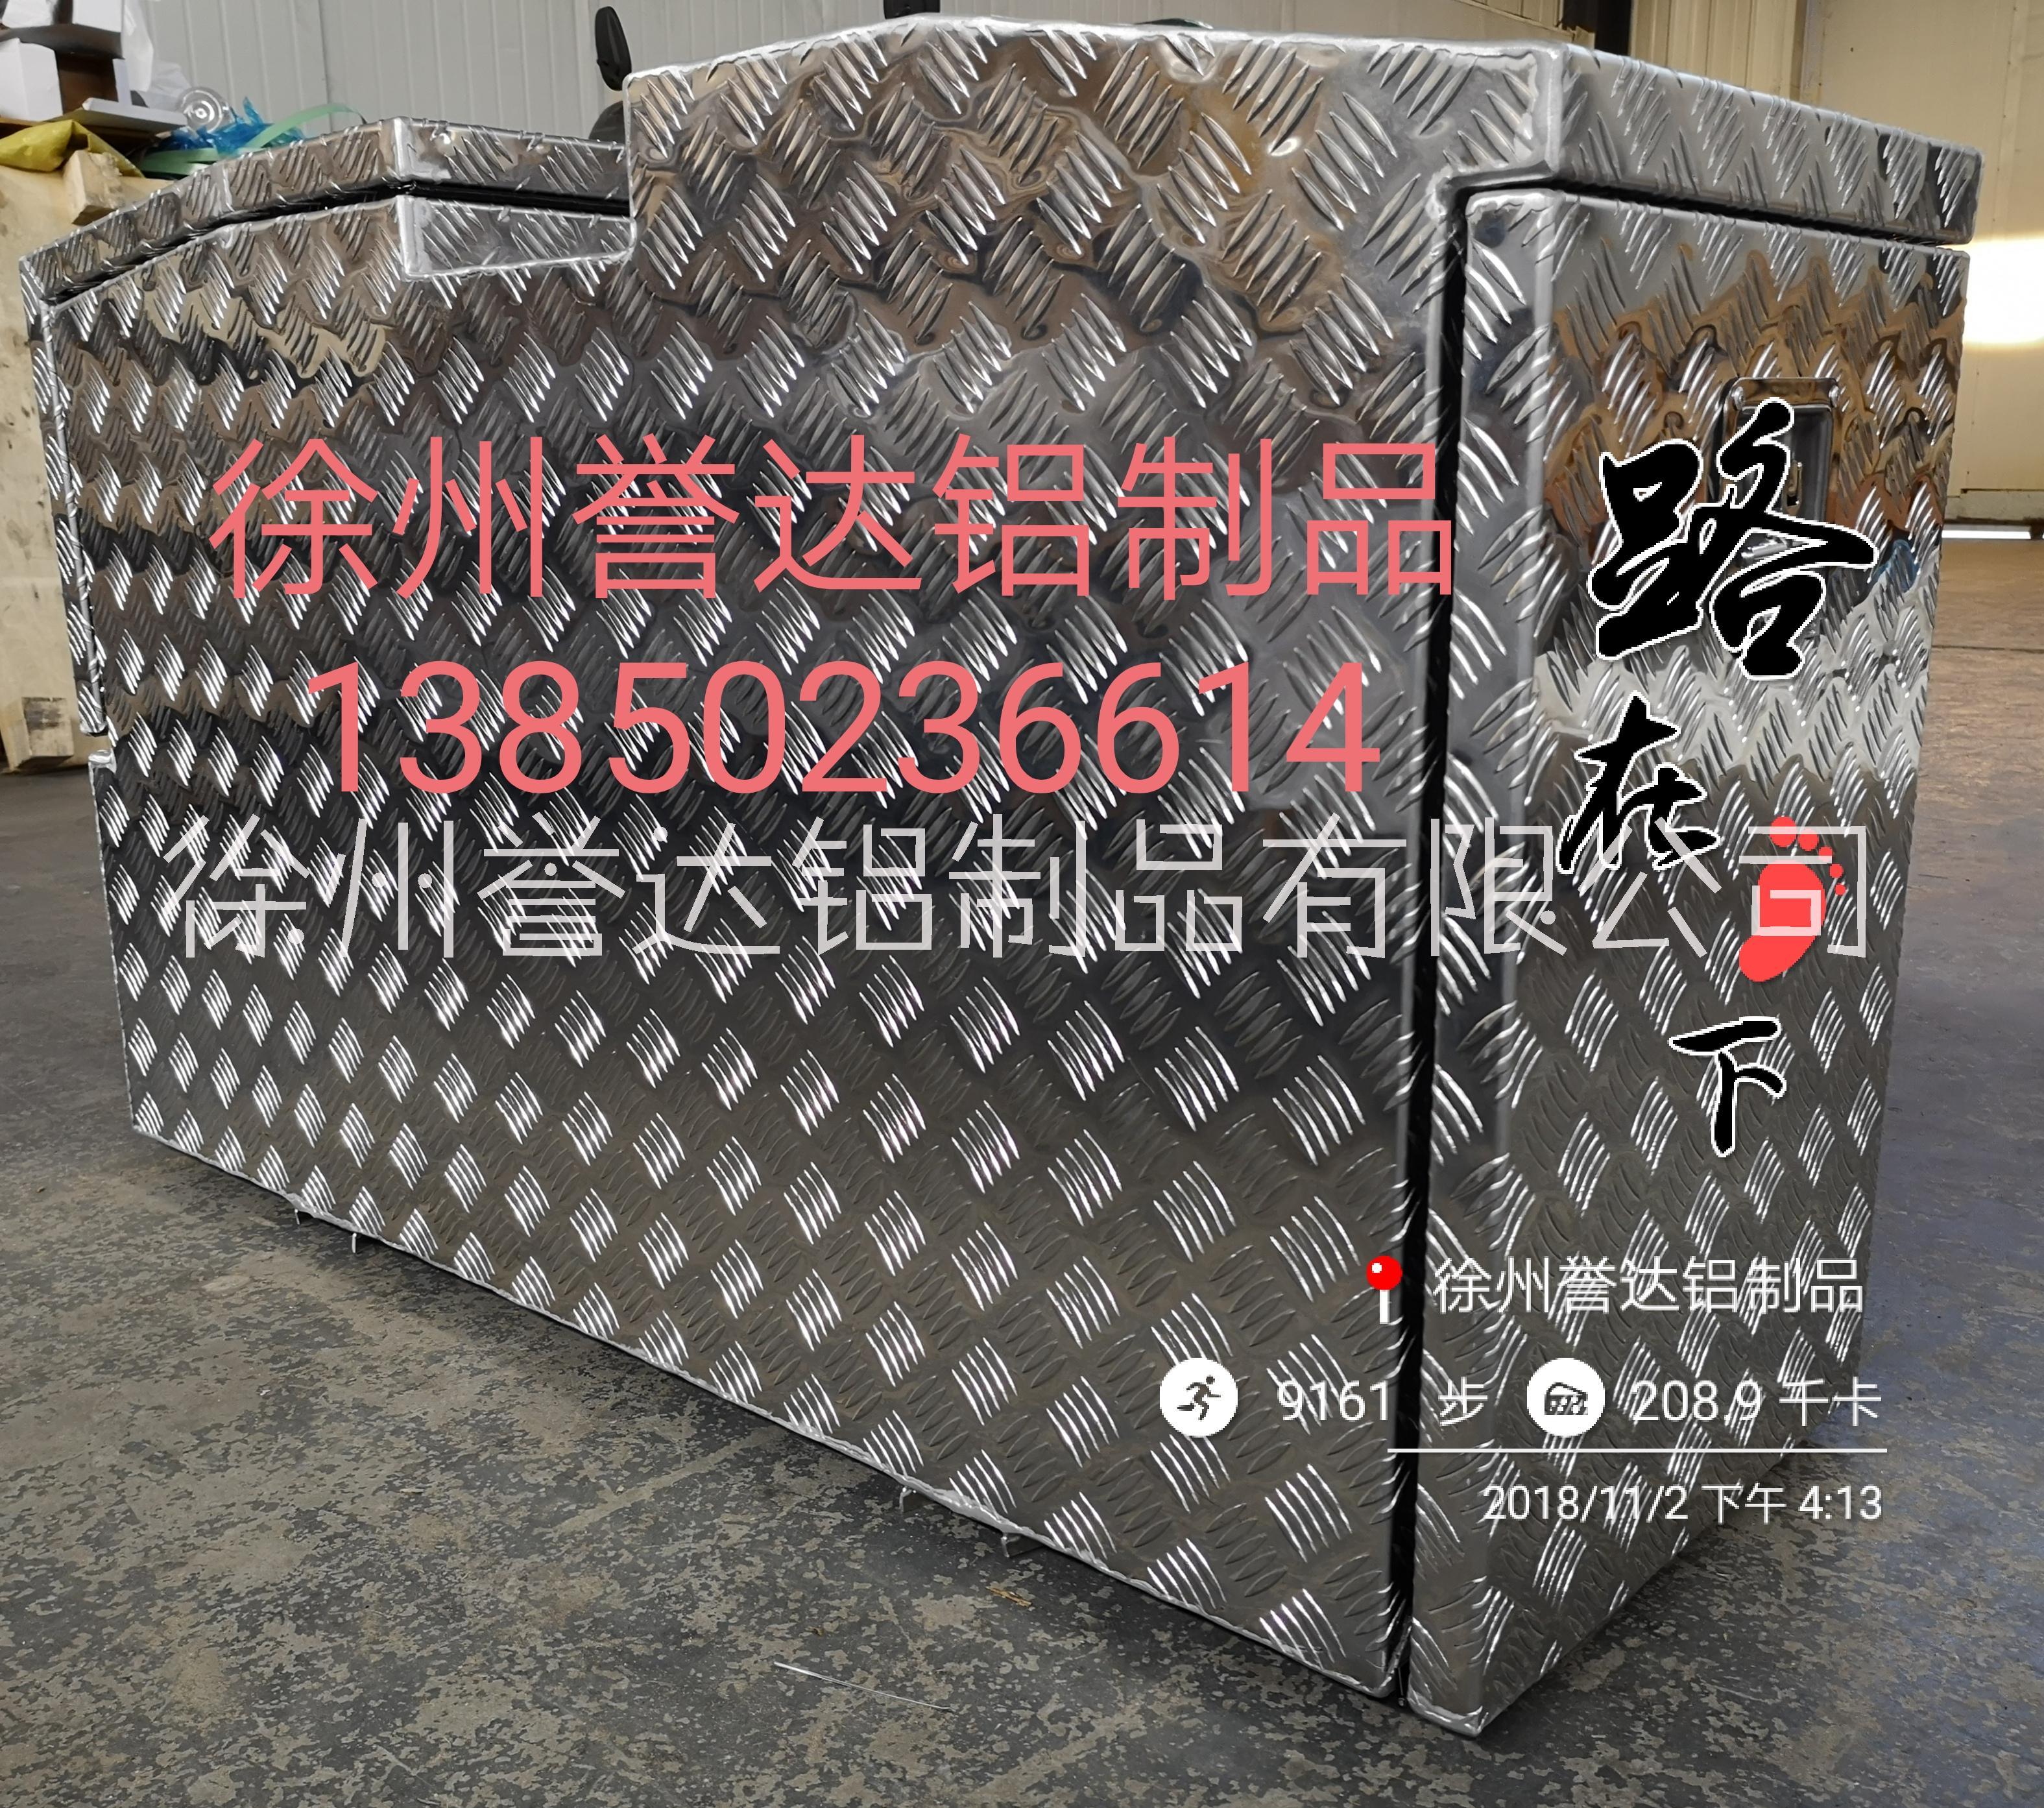 五条筋花纹铝板定制工具箱 支持来图加工定制